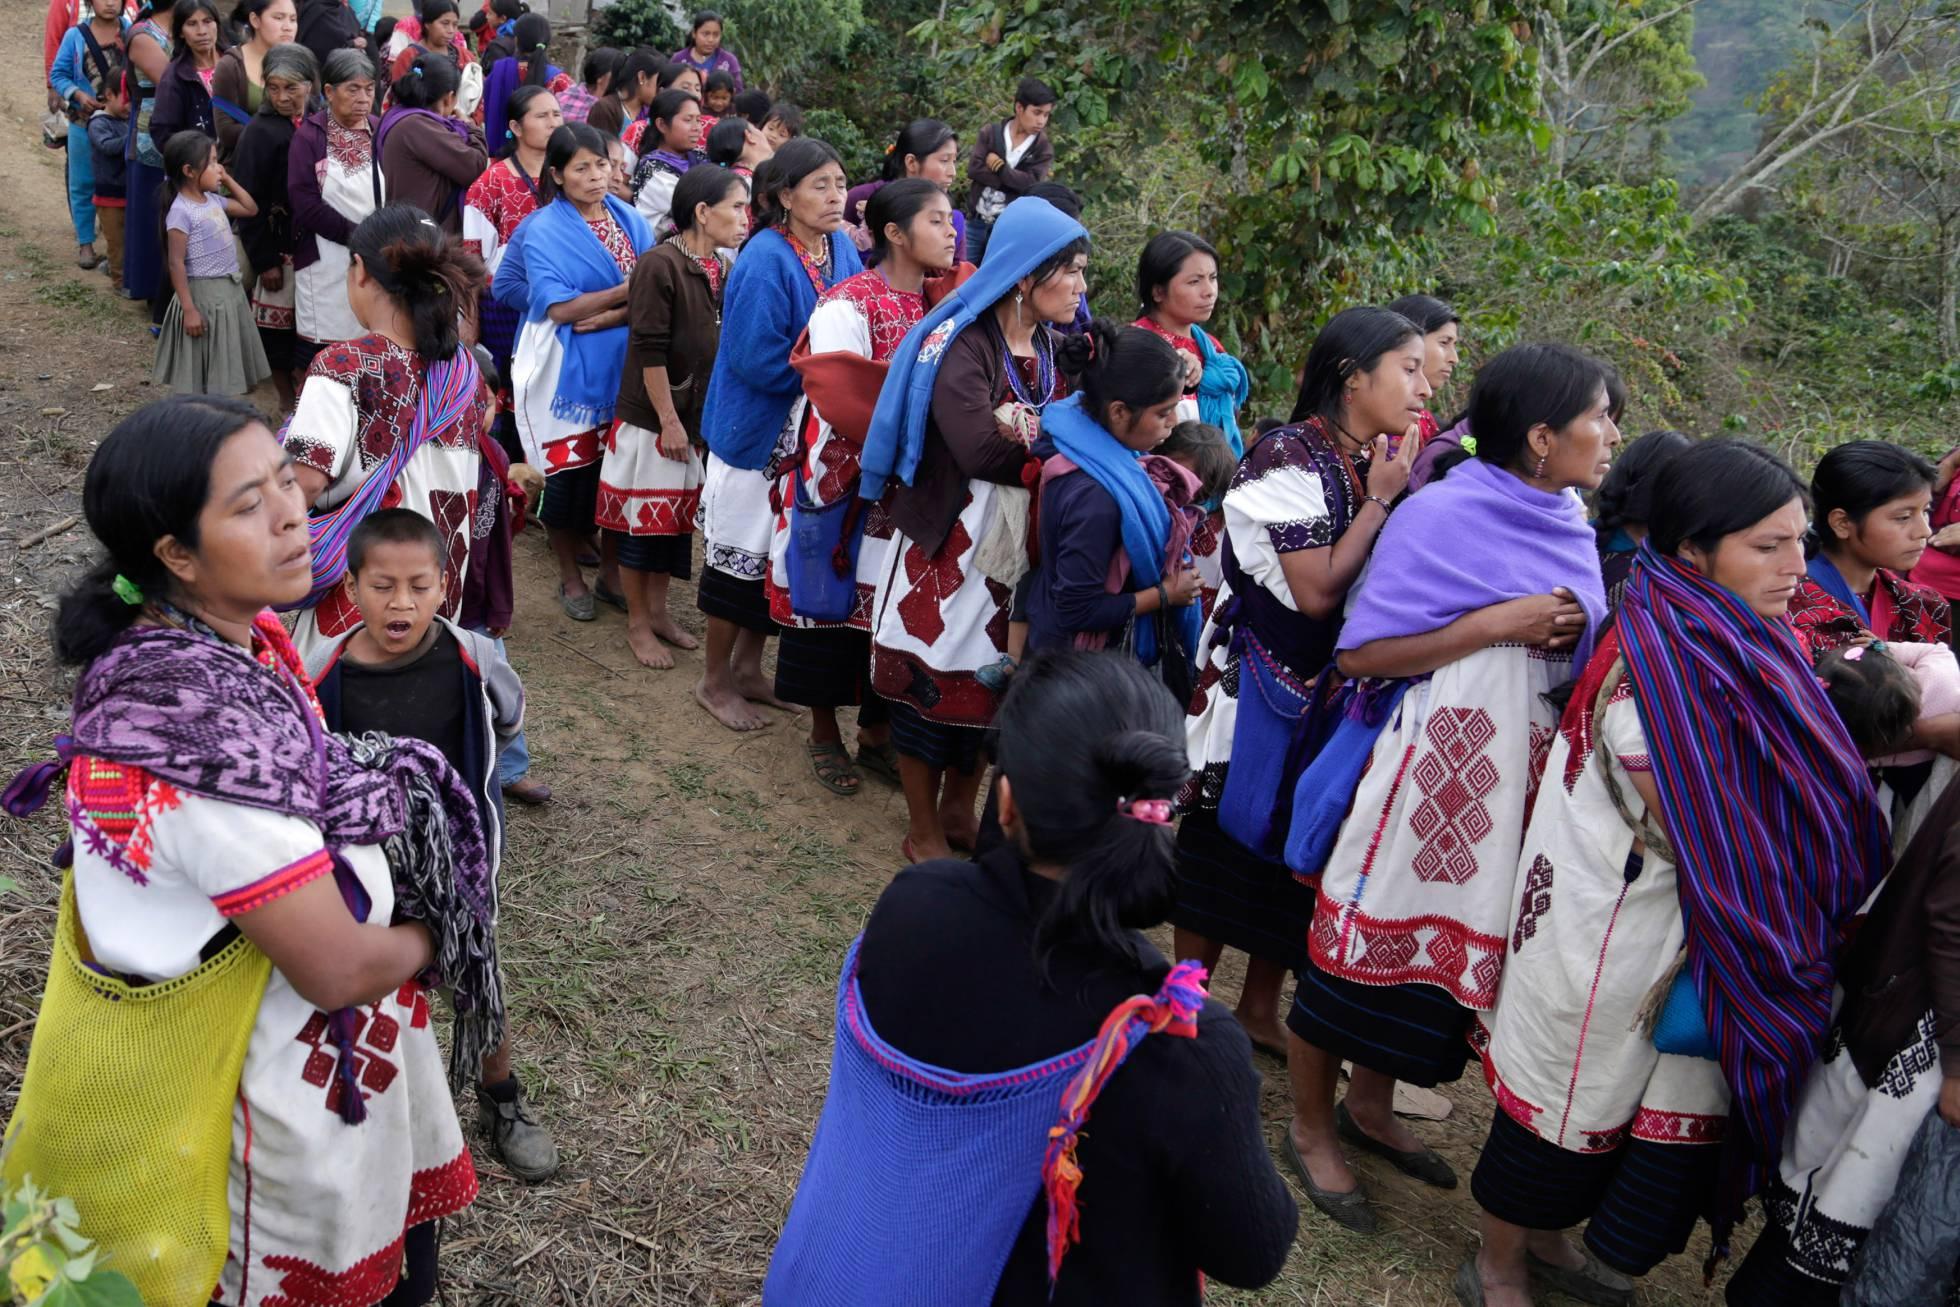 Muerte tras el éxodo, el destino de miles de indígenas desplazados en México